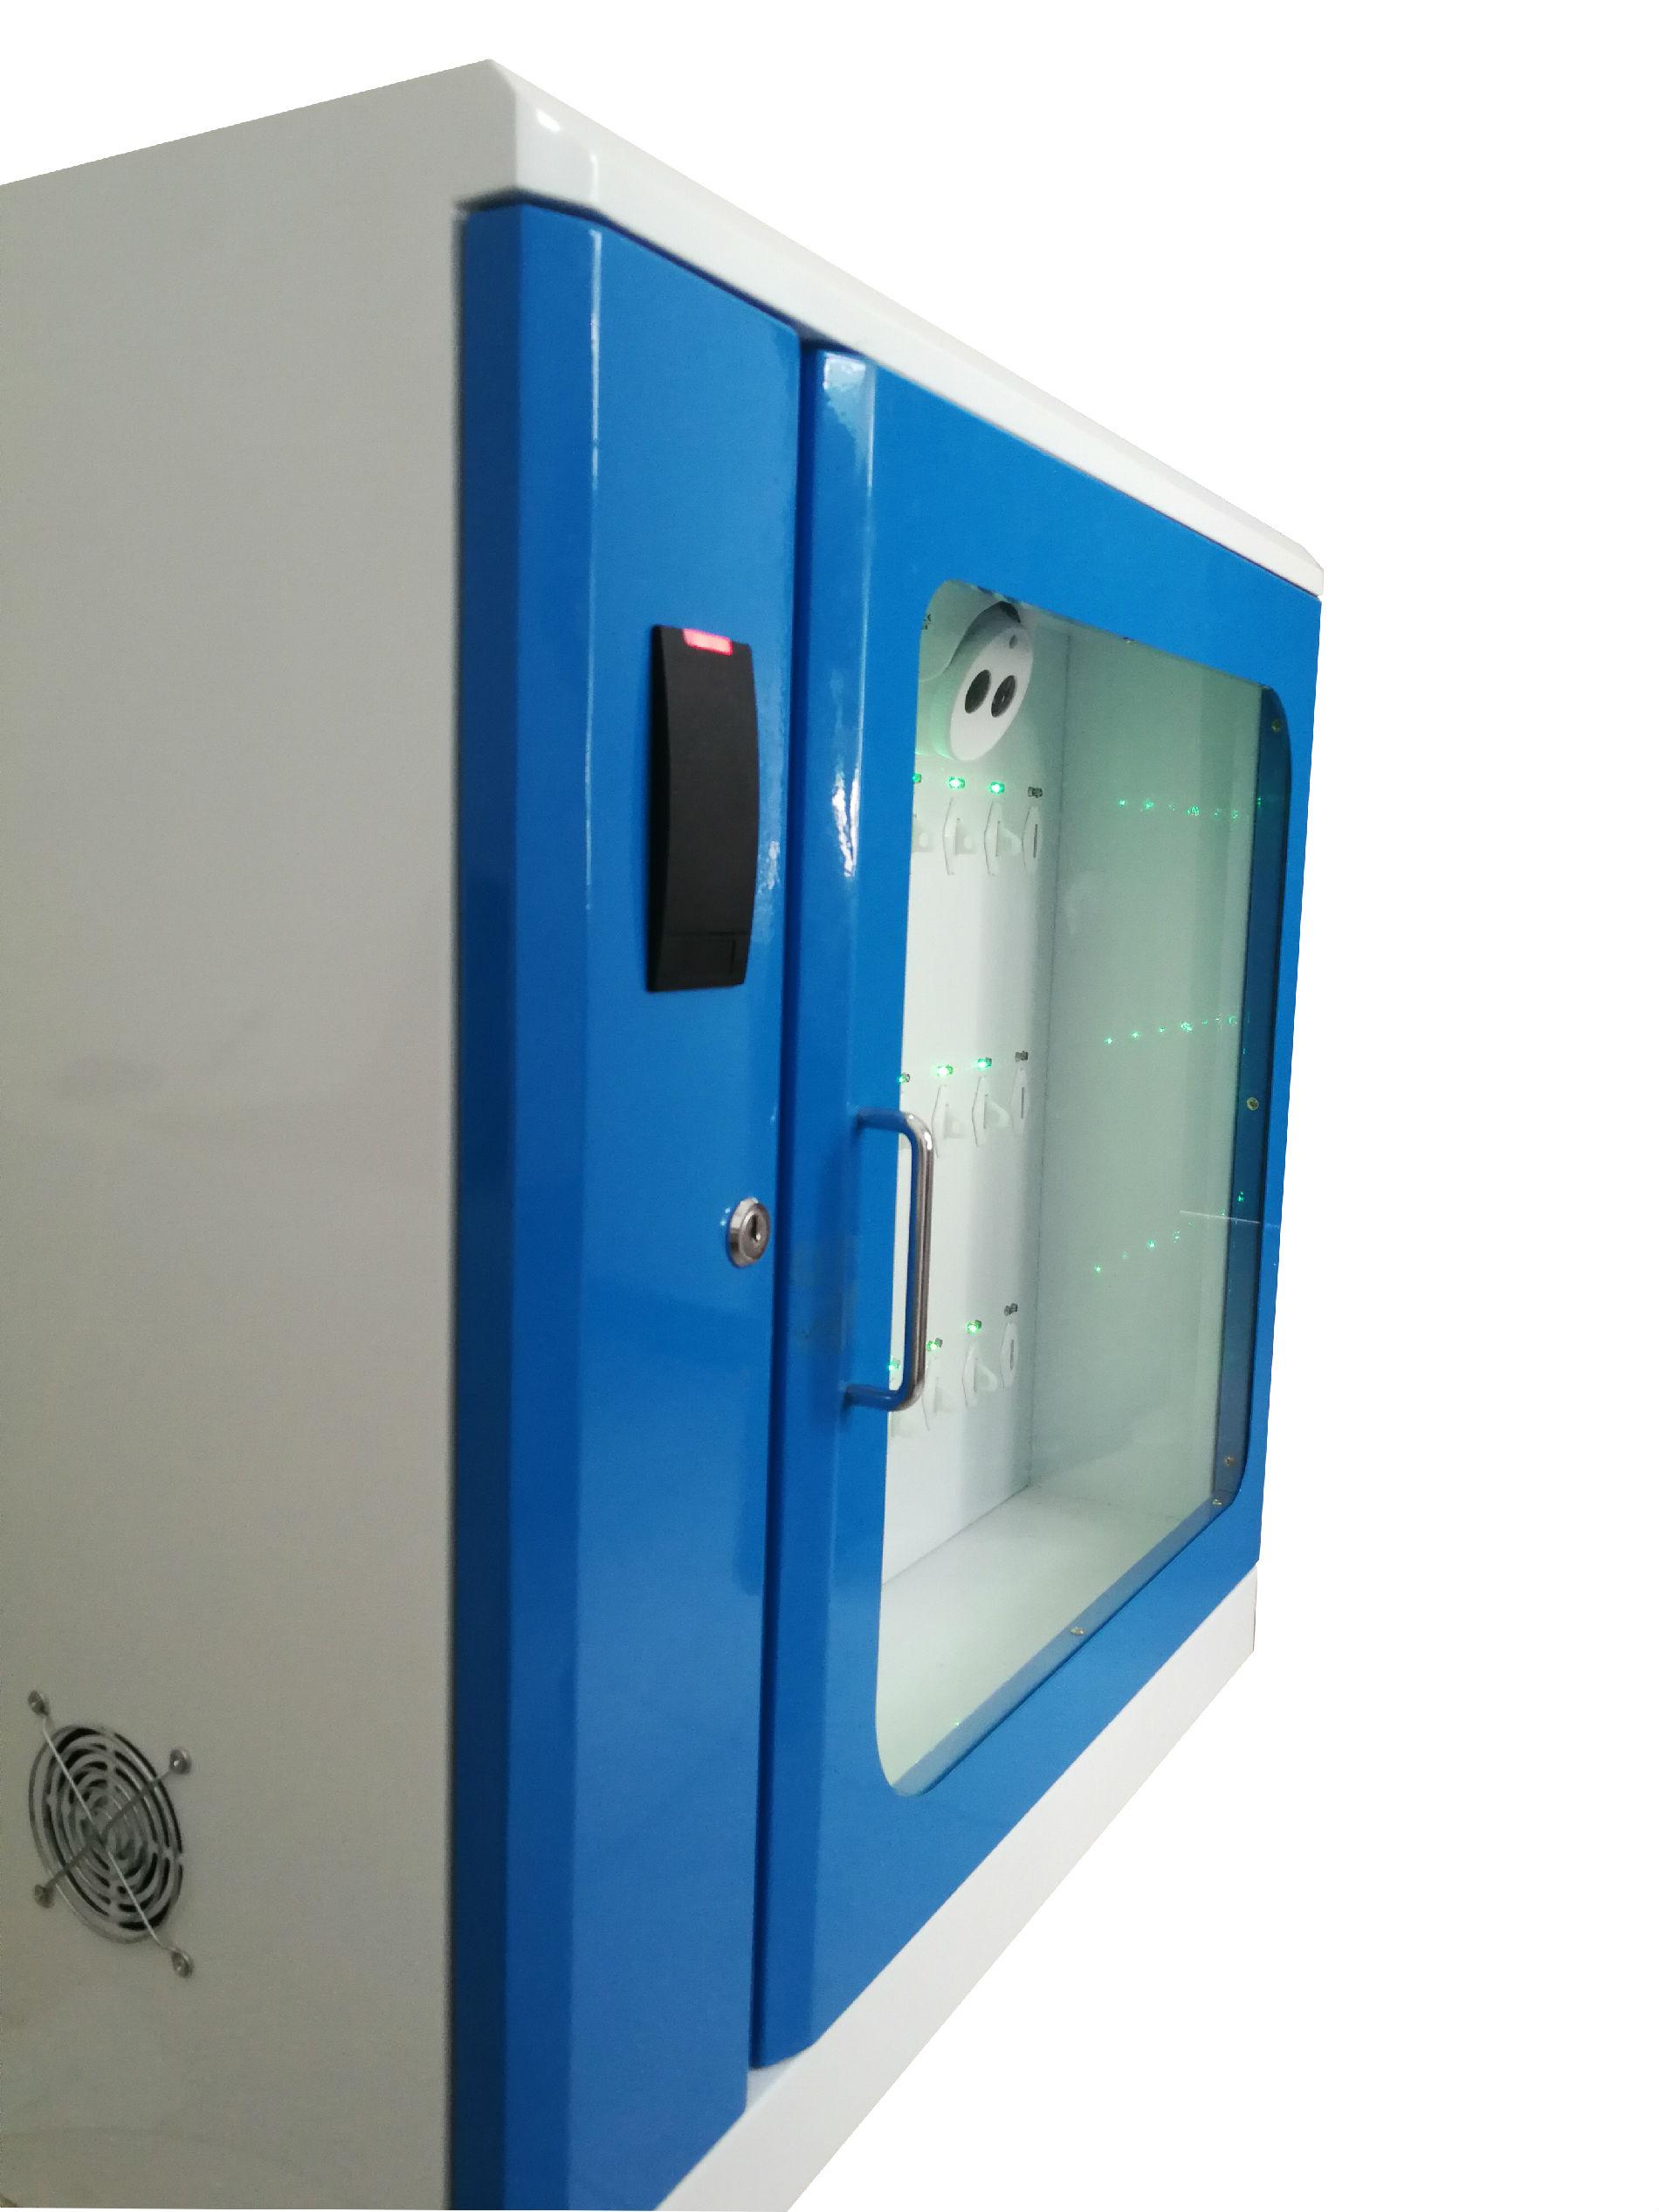 埃克萨斯E-key5mini部队智能钥匙柜 汽车智能钥匙管理系统厂家直销